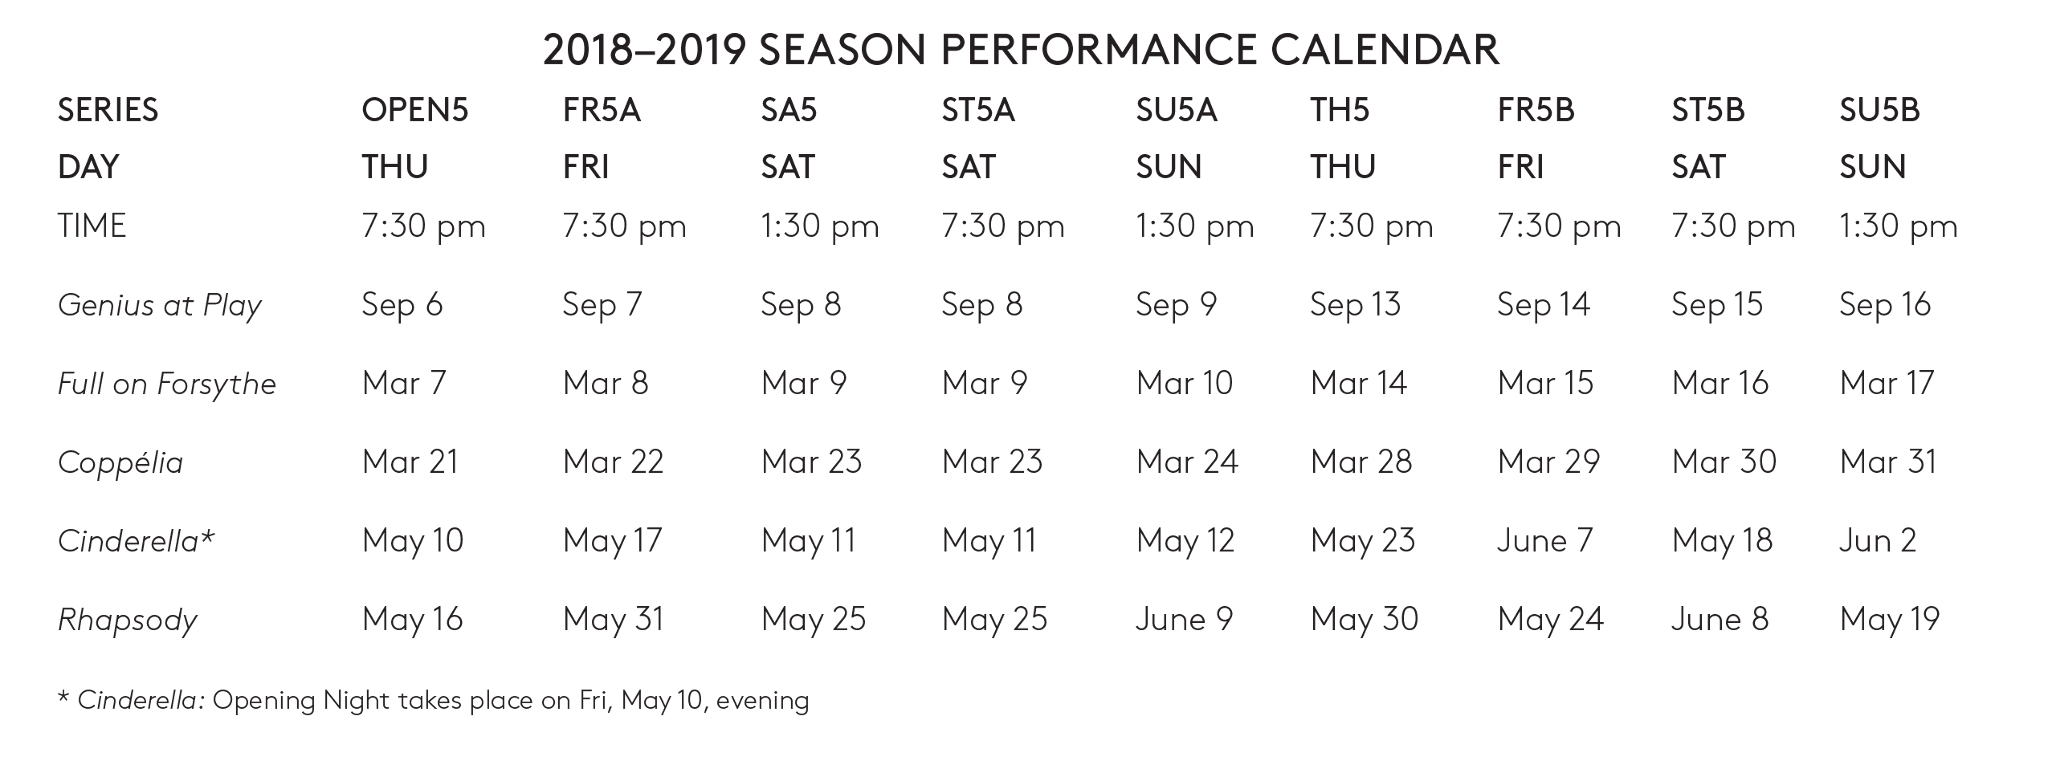 2018-2019_Subscriptions_Calendar.png